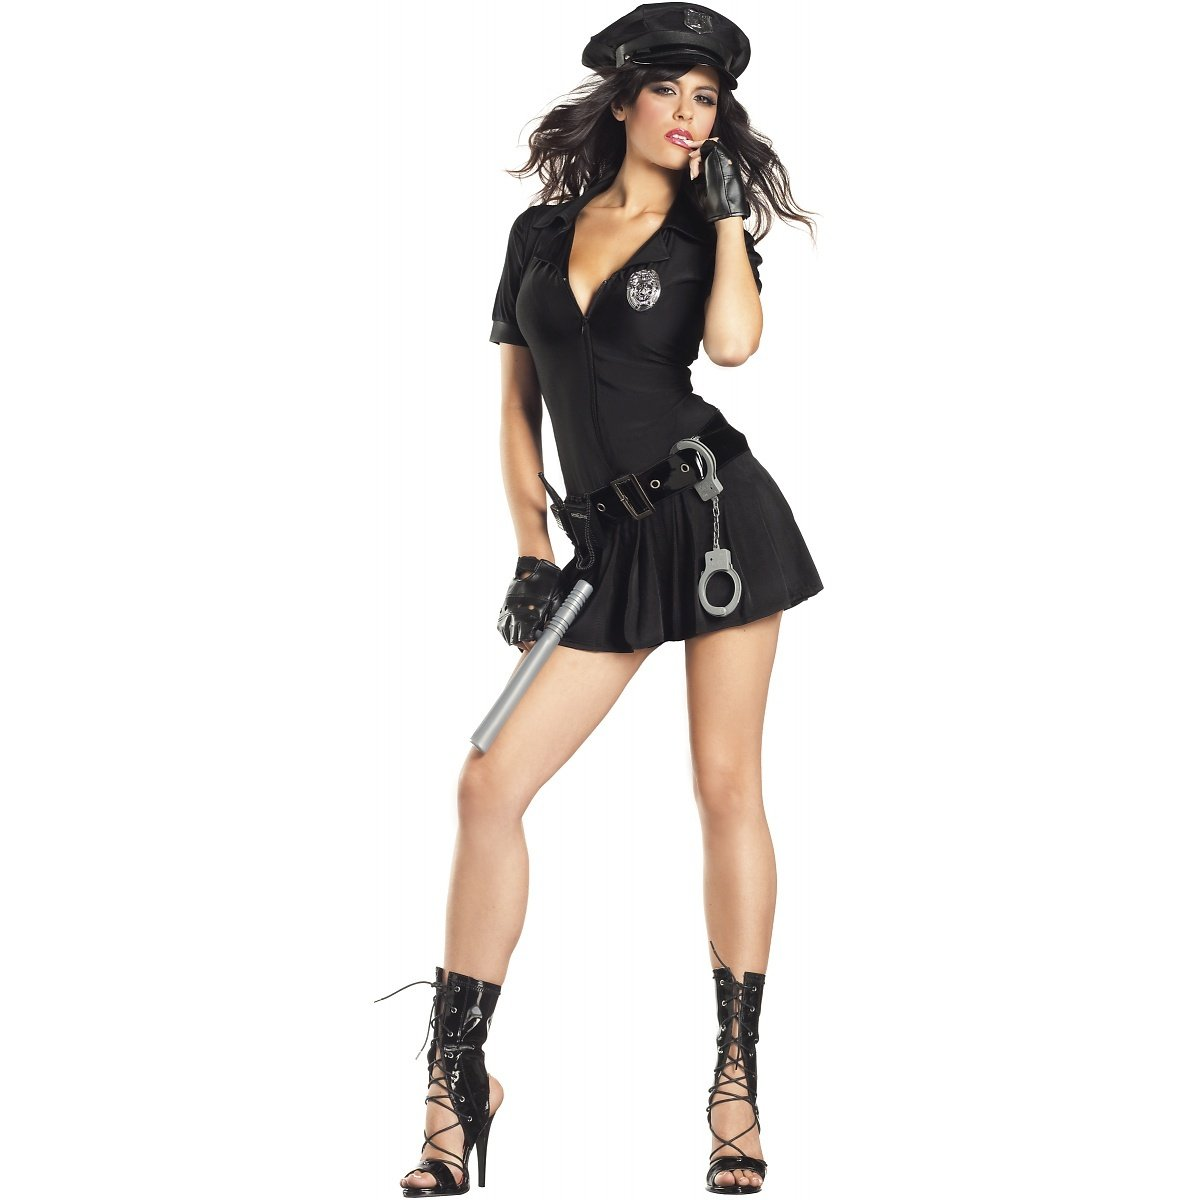 Mrs. Law Cop Fancy dress costume Large / X-Large